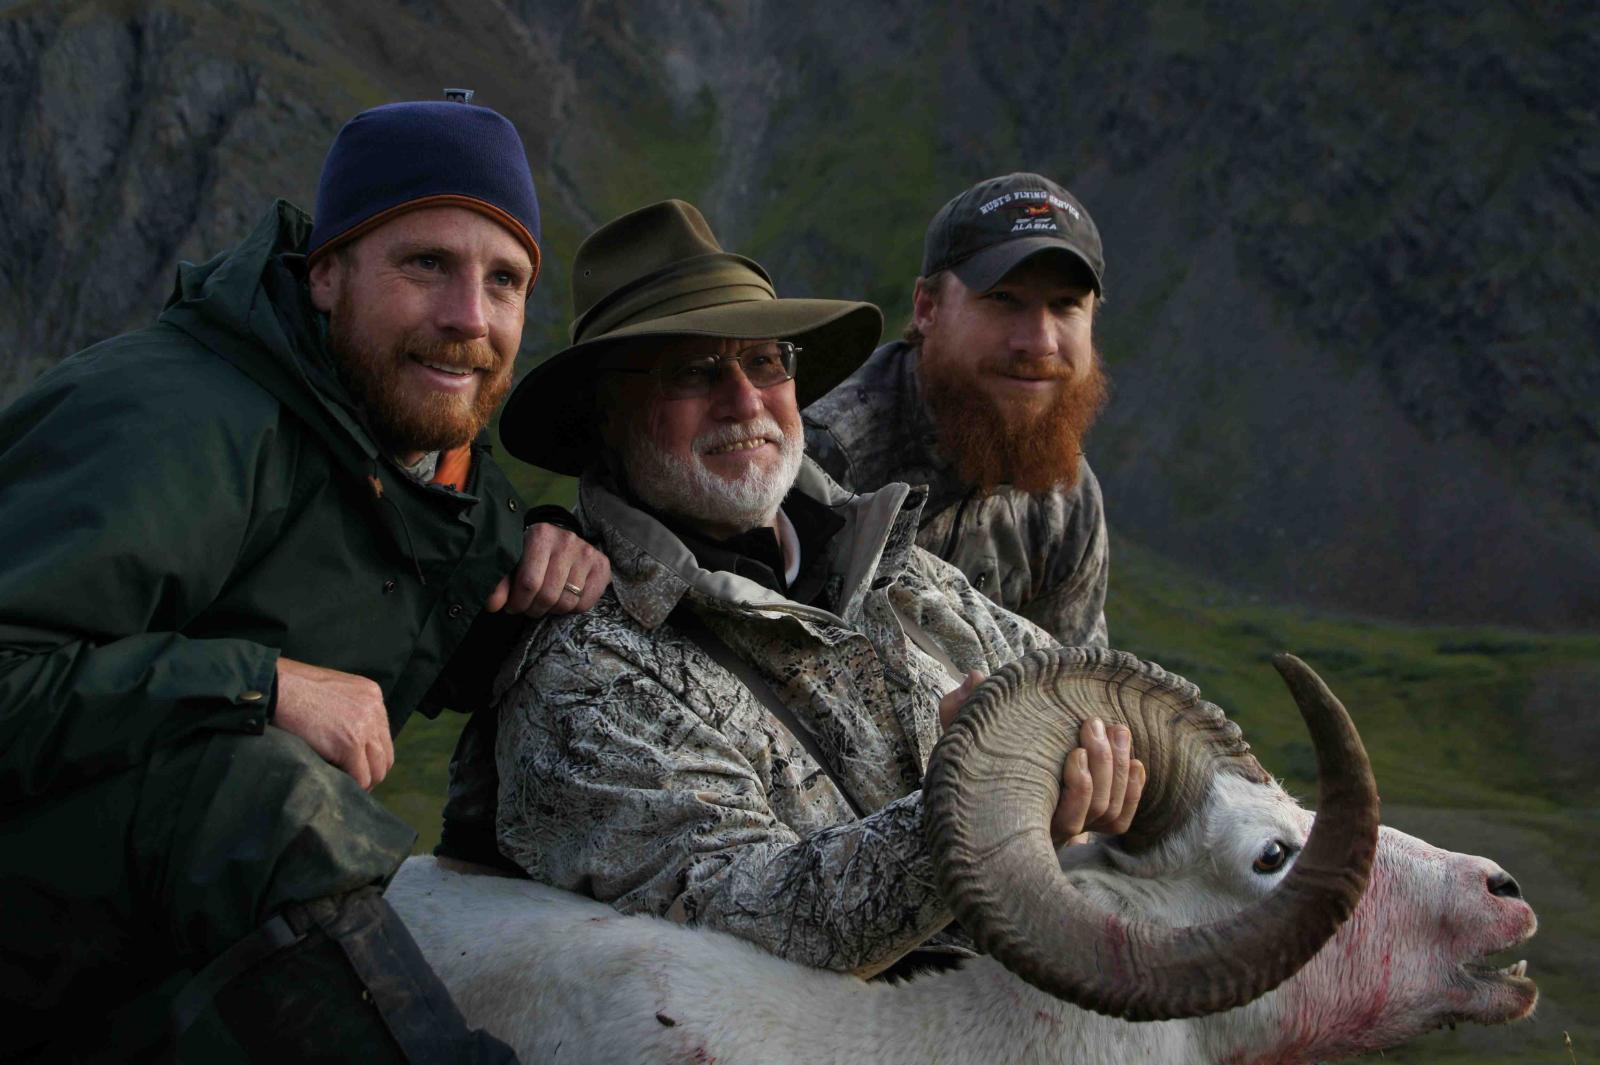 Lazy J Bar O Outfitters: DALL SHEEP ALASKA HUNTS